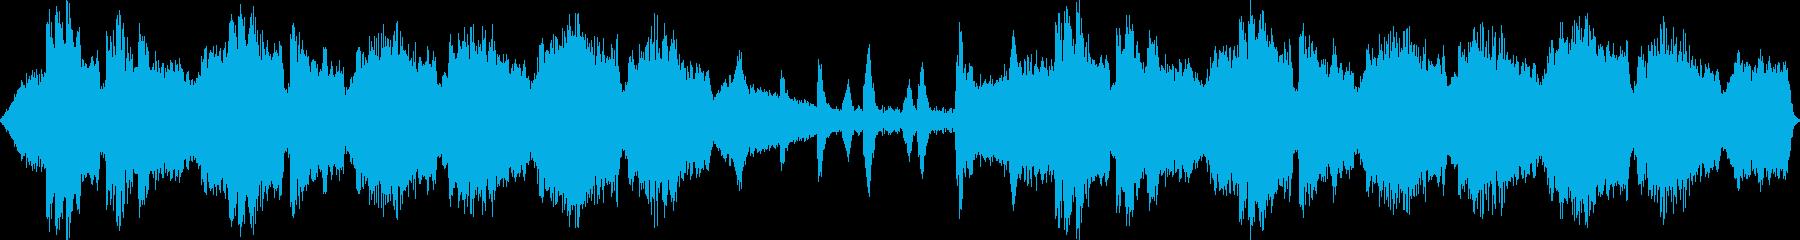 静かで癒し系のバラードの再生済みの波形